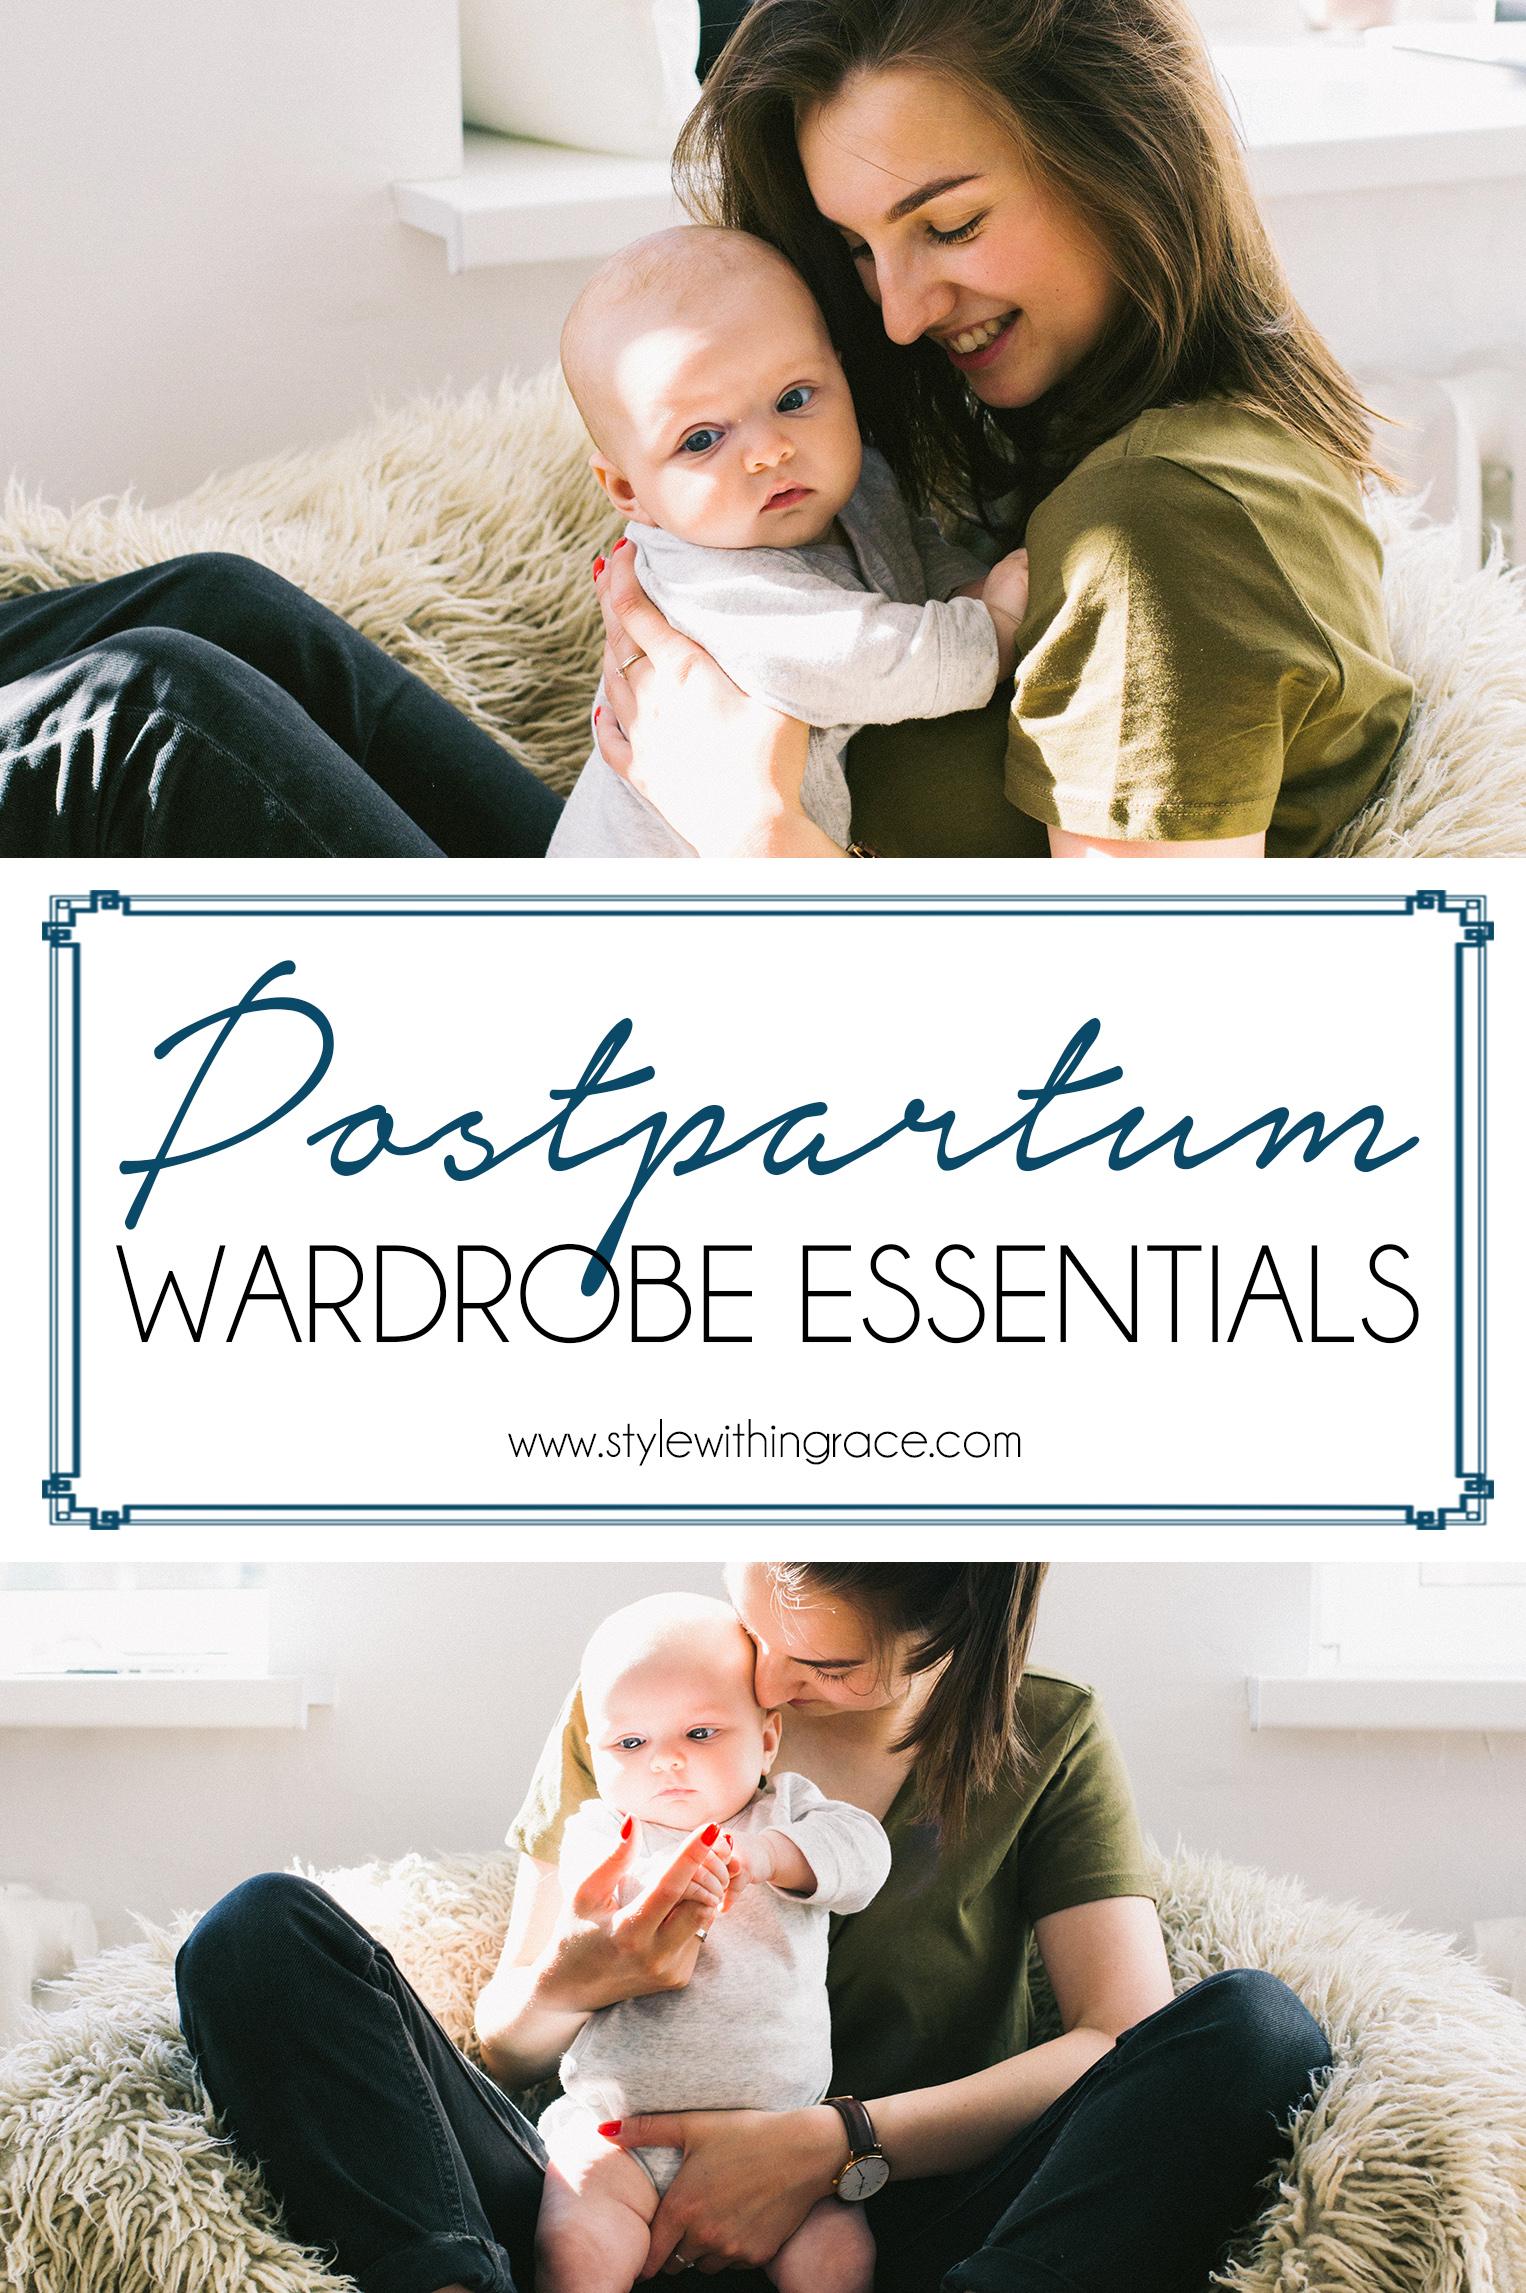 Postpartum Wardrobe Essentials Pinterest Graphic